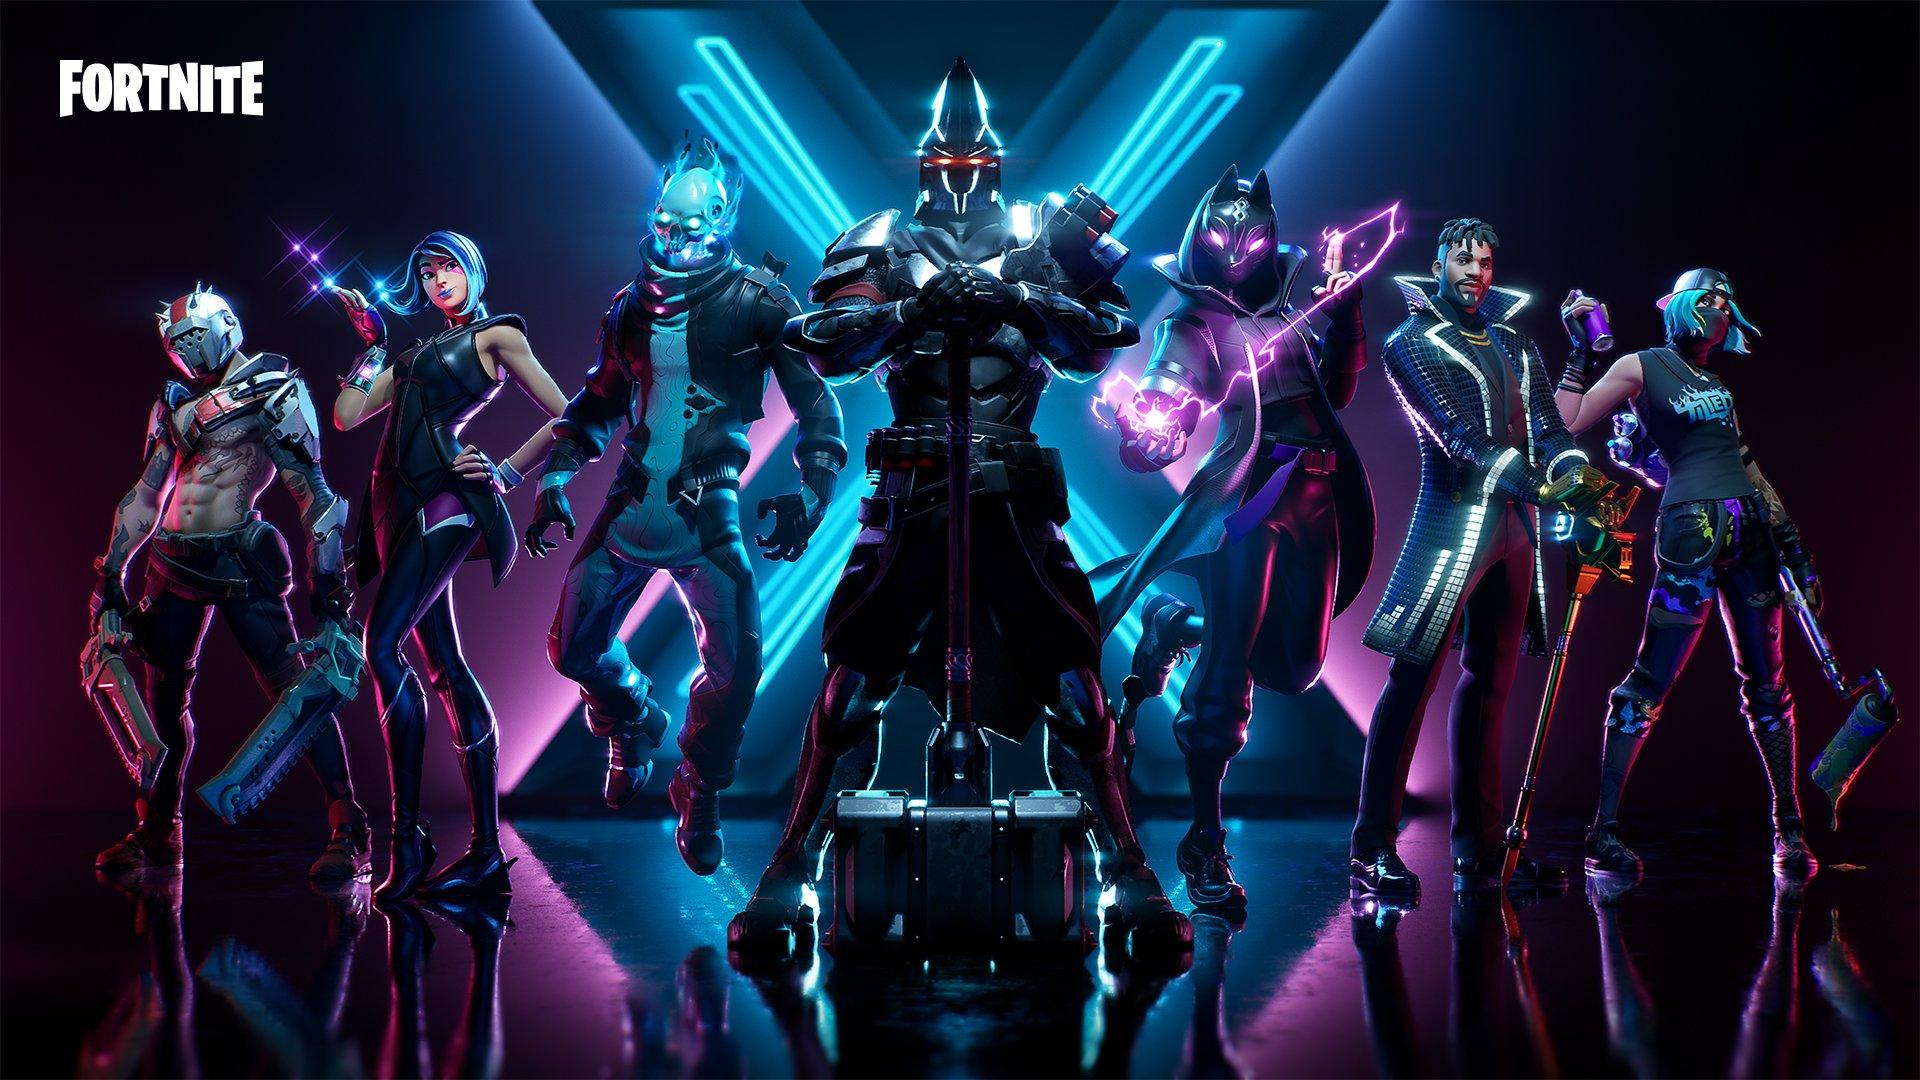 دانلود بازی Fortnite Season X v10.20 برای PC